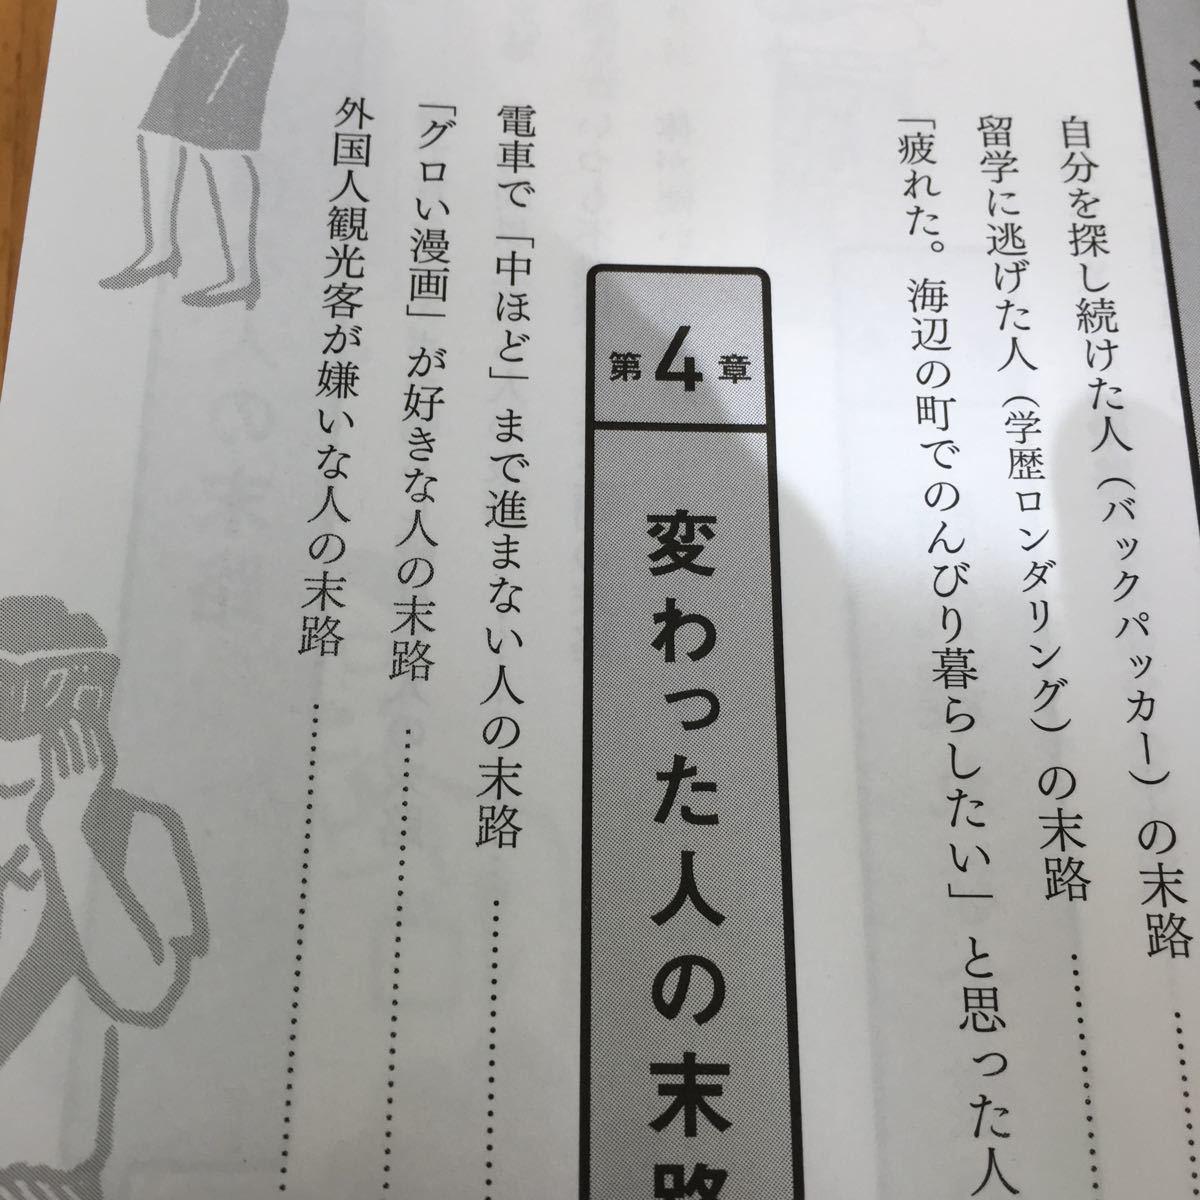 宝くじで1億円当たった人の末路 鈴木信行 中古 状態普通_画像7